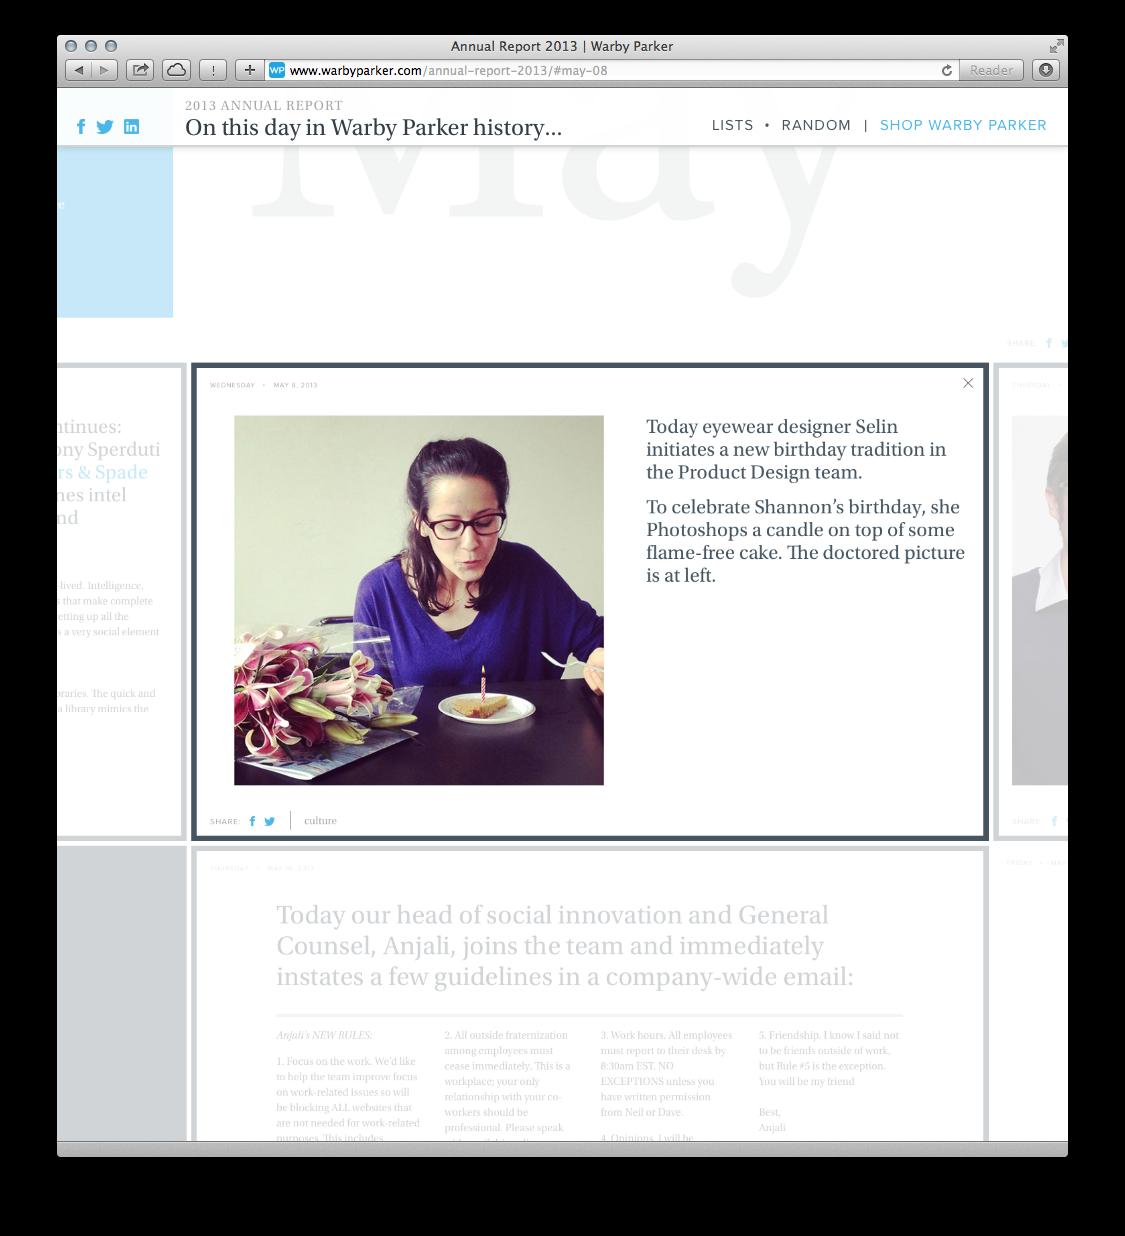 MSLK-warby-parker-annual-report-2013-2